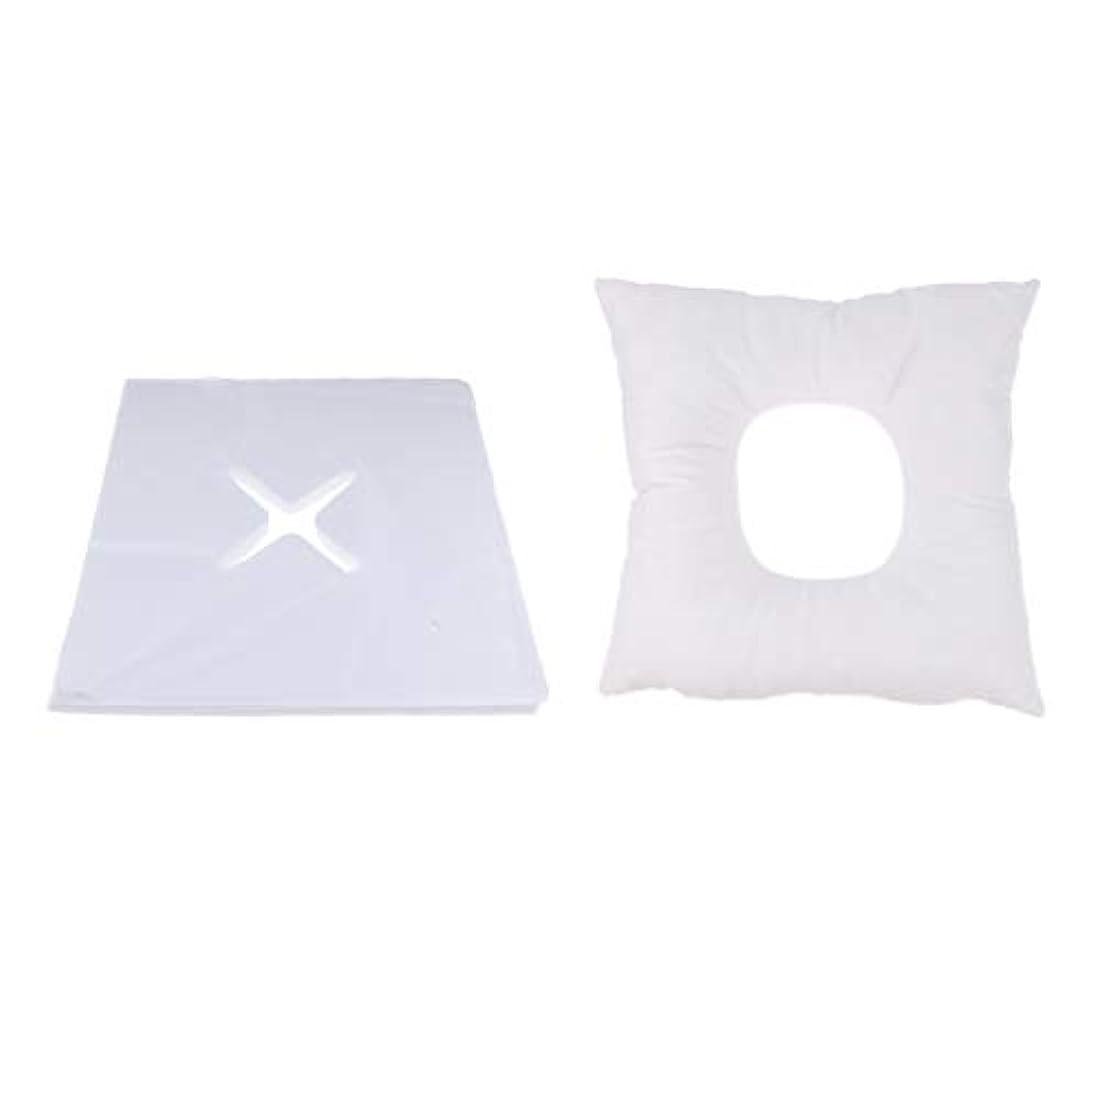 バリア雇用関連するFenteer マッサージ枕 顔枕 フェイスマット フェイスピロー 200個使い捨てカバー付 マッサージテーブル用 快適